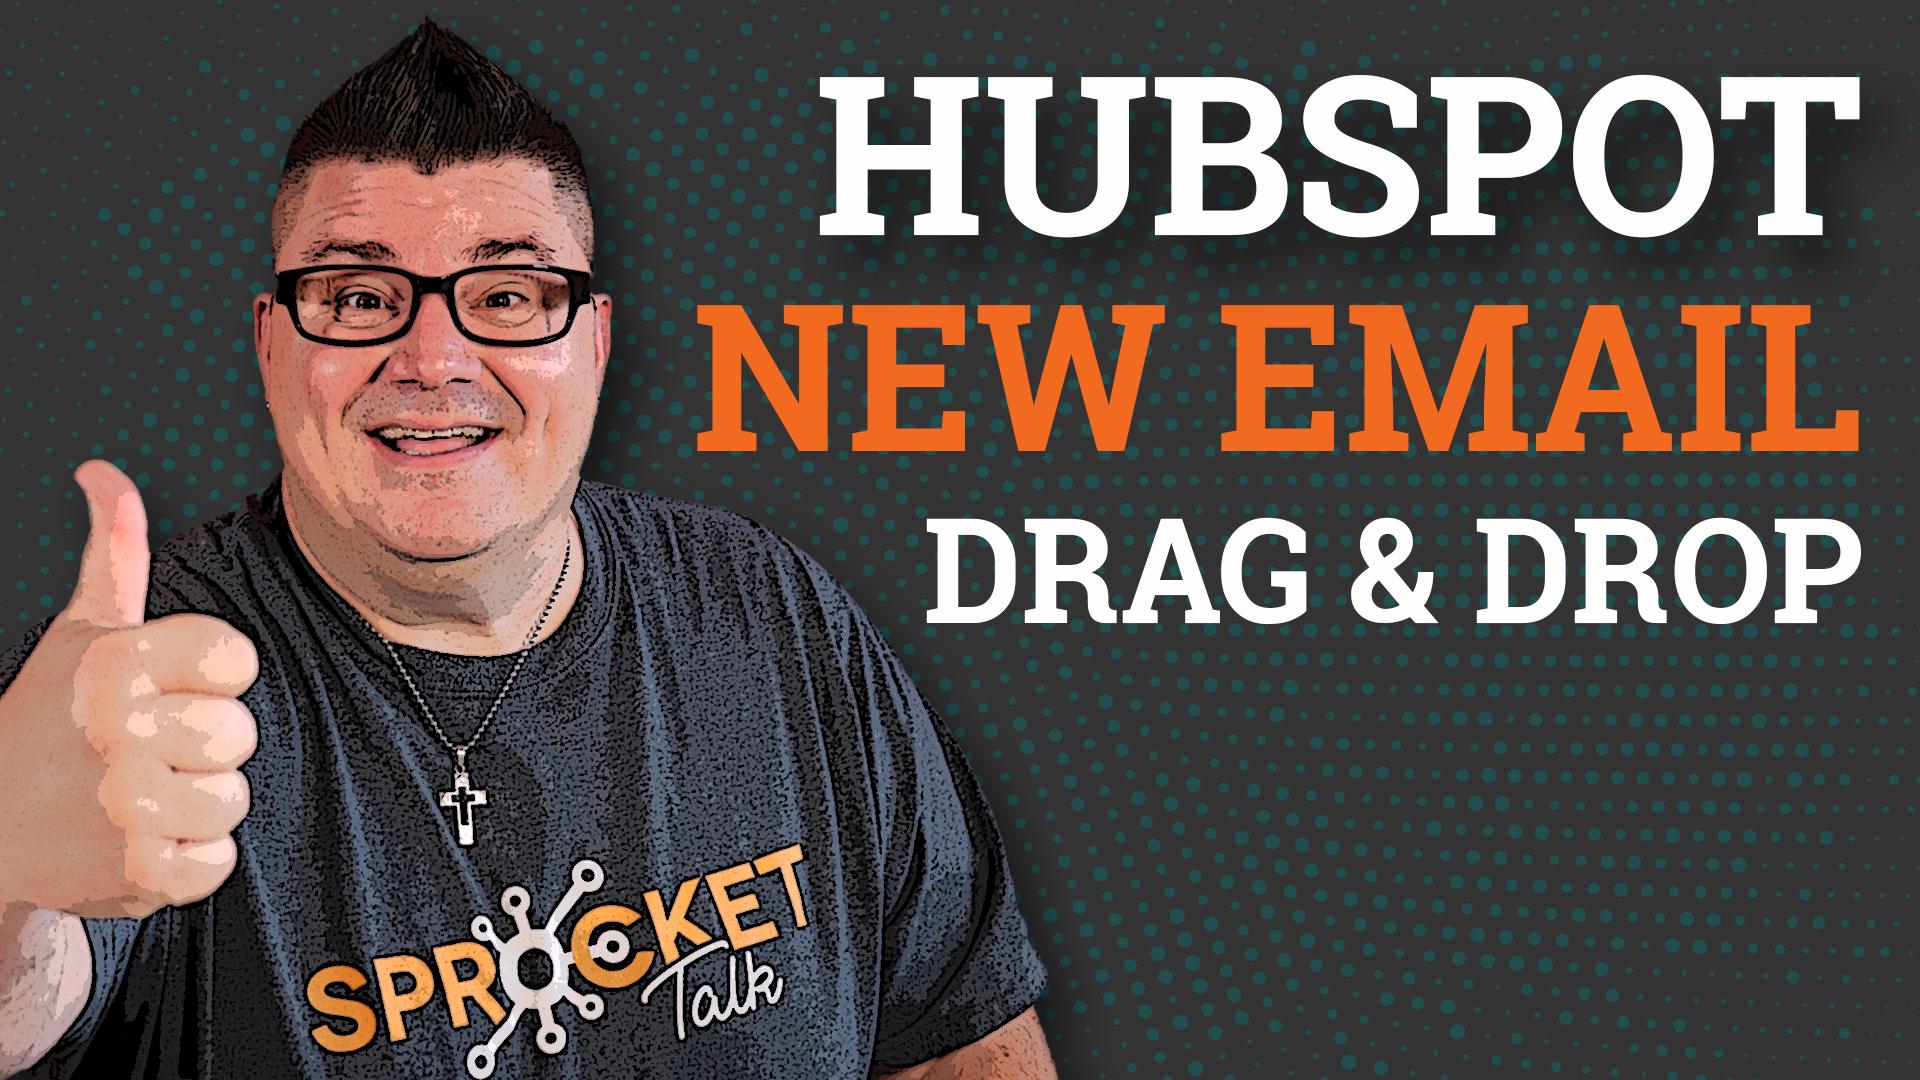 HubSpot-Email-Drga-Drop